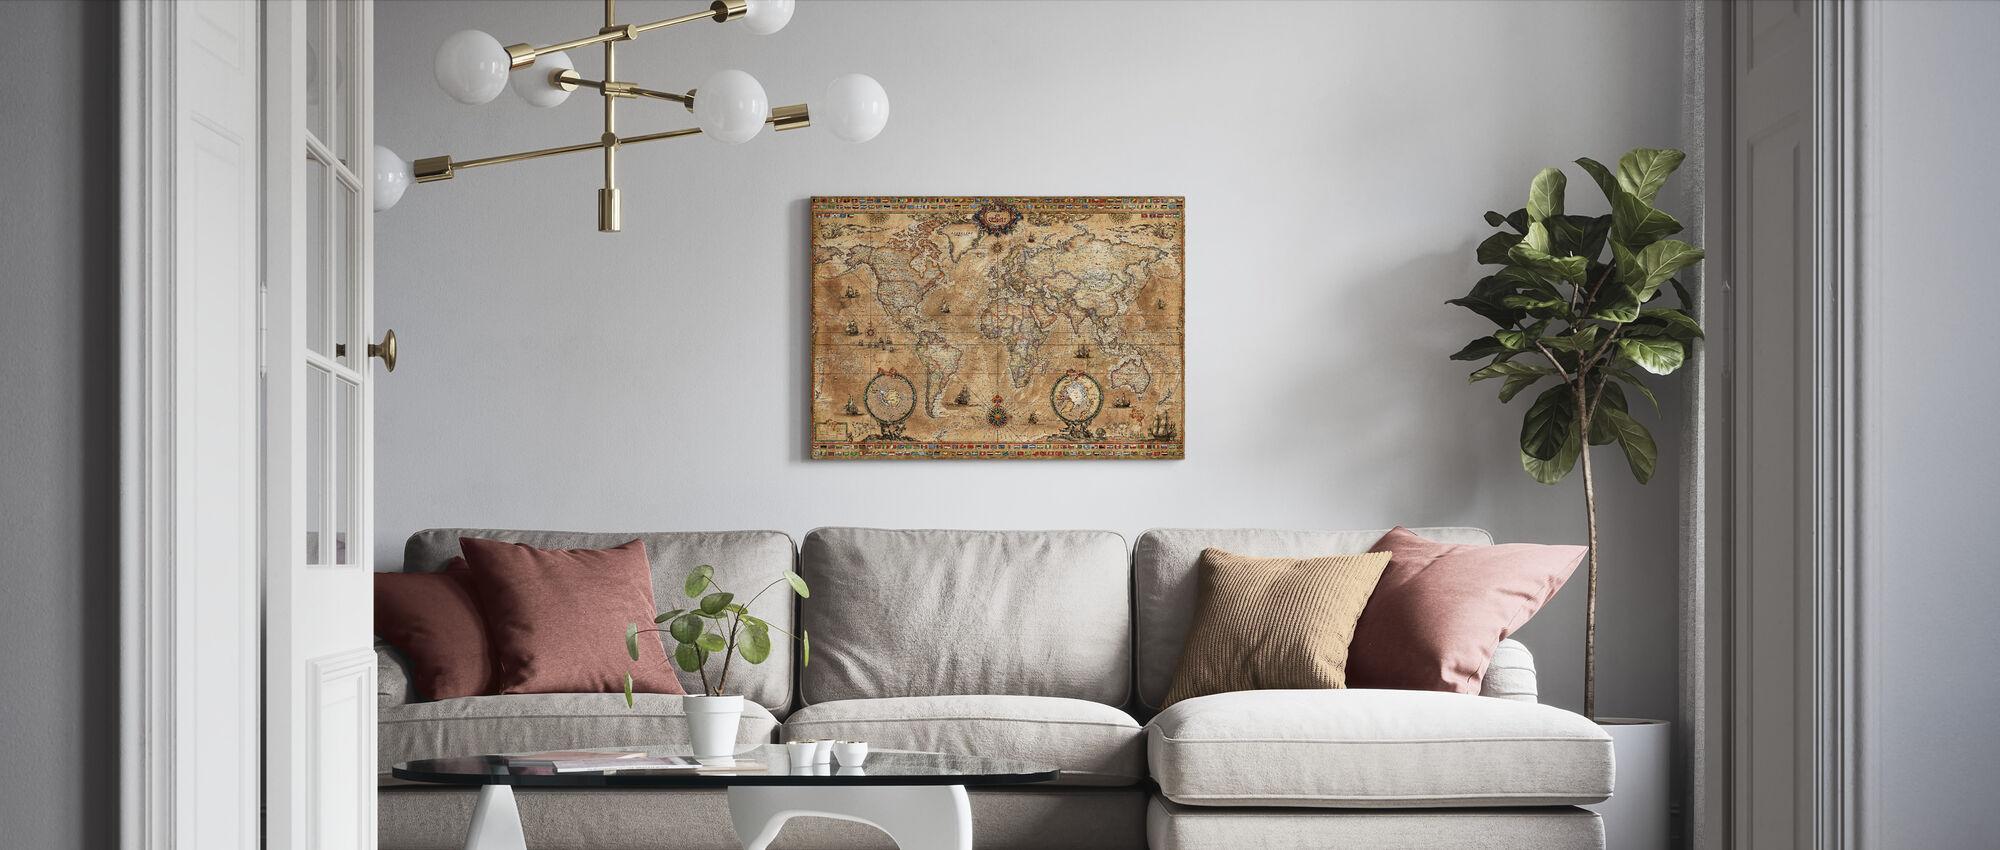 Pergament Map - Canvas print - Living Room